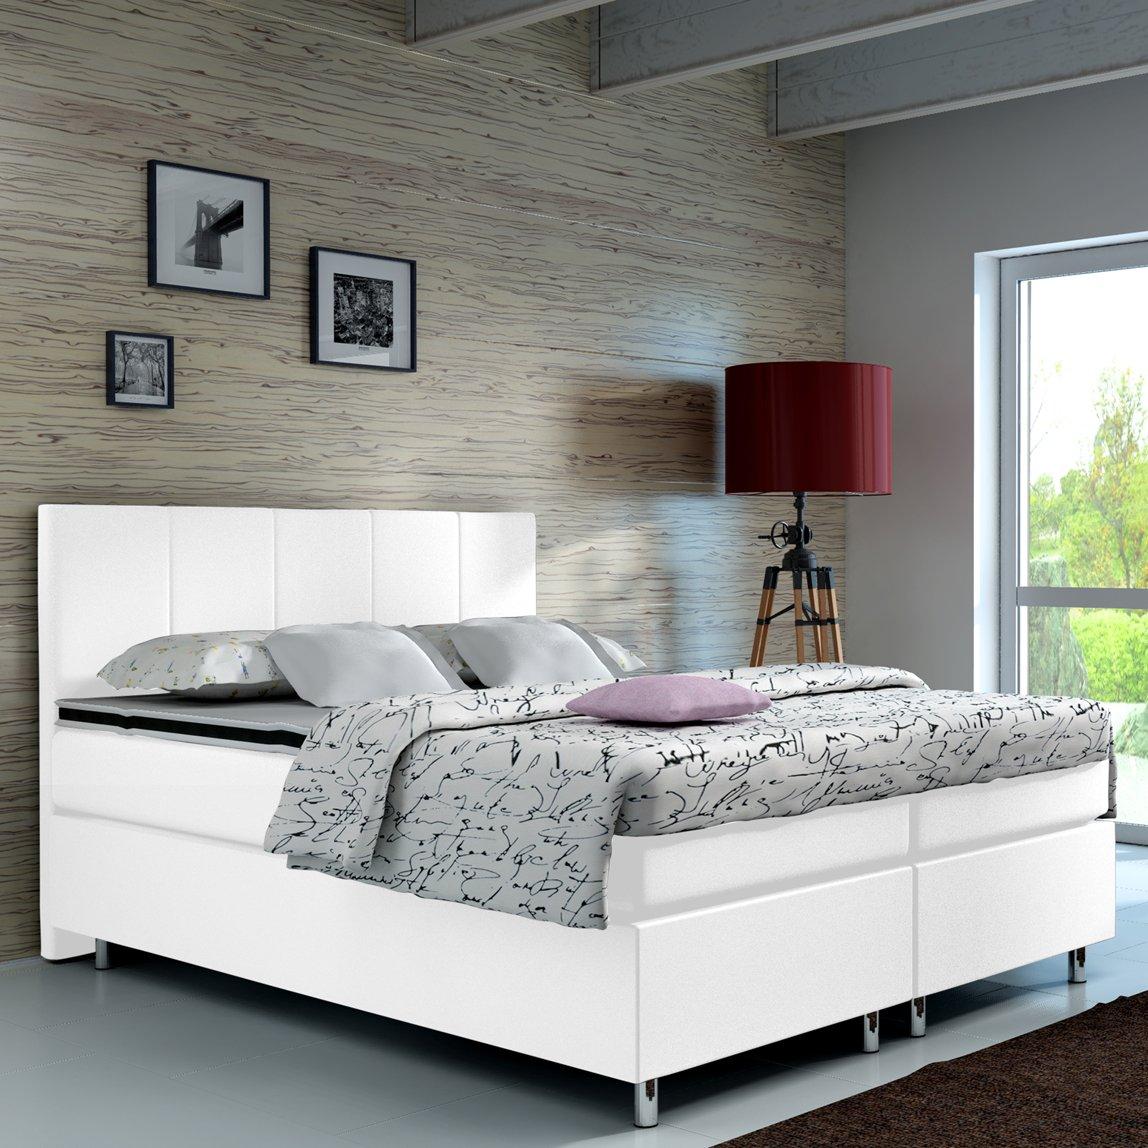 Schön Boxspringbett 140x200 Weiß Foto Von Wohnen- Hotelbett Doppelbett Polsterbett Ehebett Amerikanisches Bett